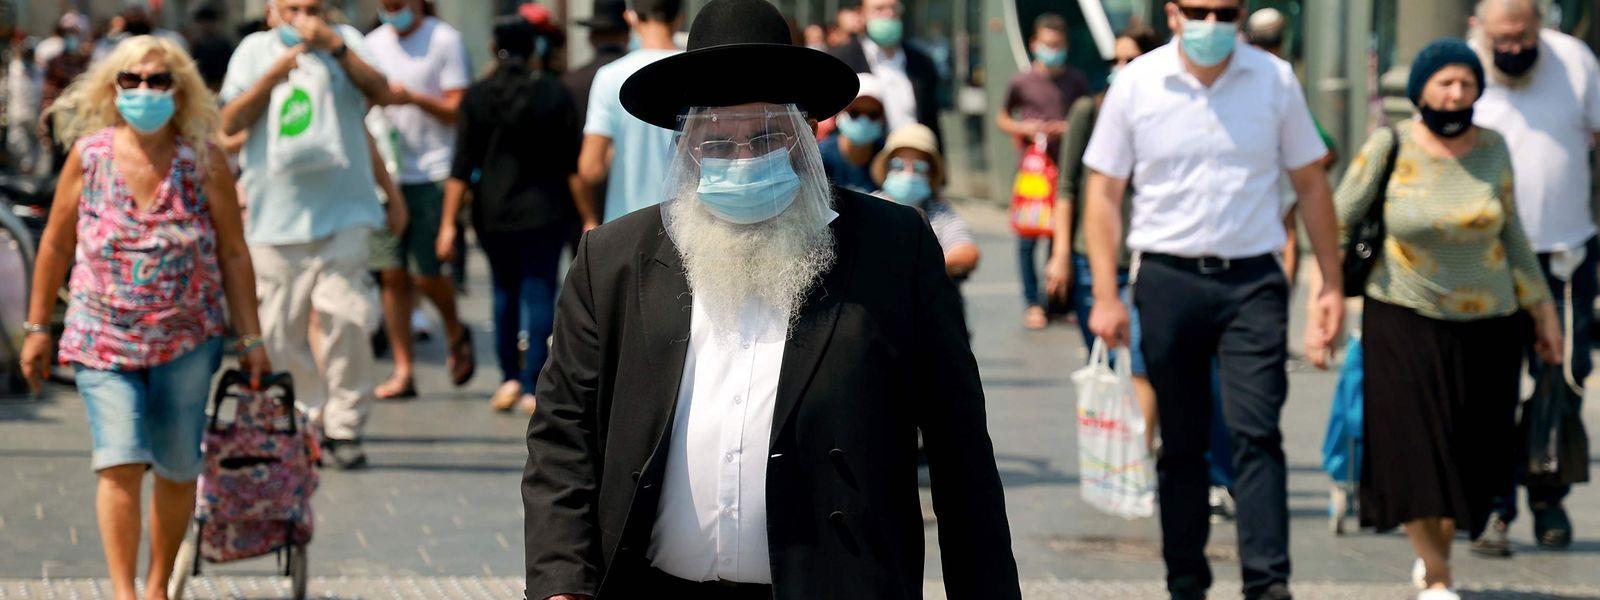 Ein ultra-orthodoxer Jude Jewish trägt in den Straßen von Jerusalem eine Maske, um sich und andere vor einer Corona-Ansteckung zu schützen.